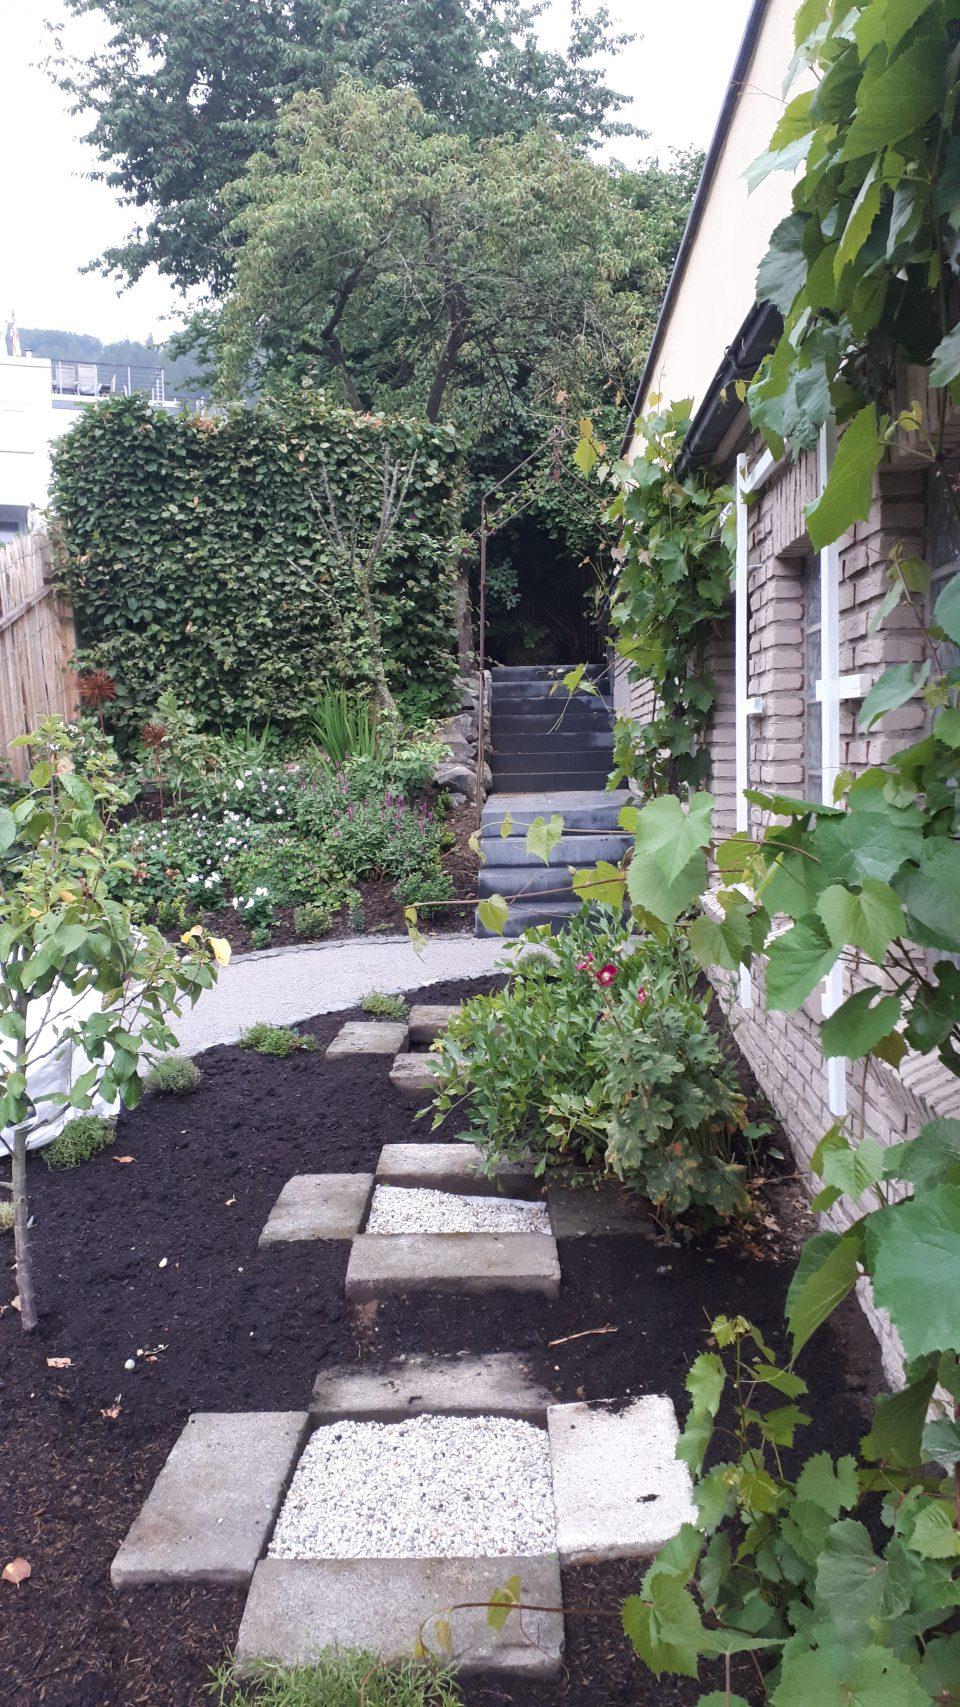 Die Fundamente für die Weinfässer im Küchengarten aus den alten Betonblöcken.